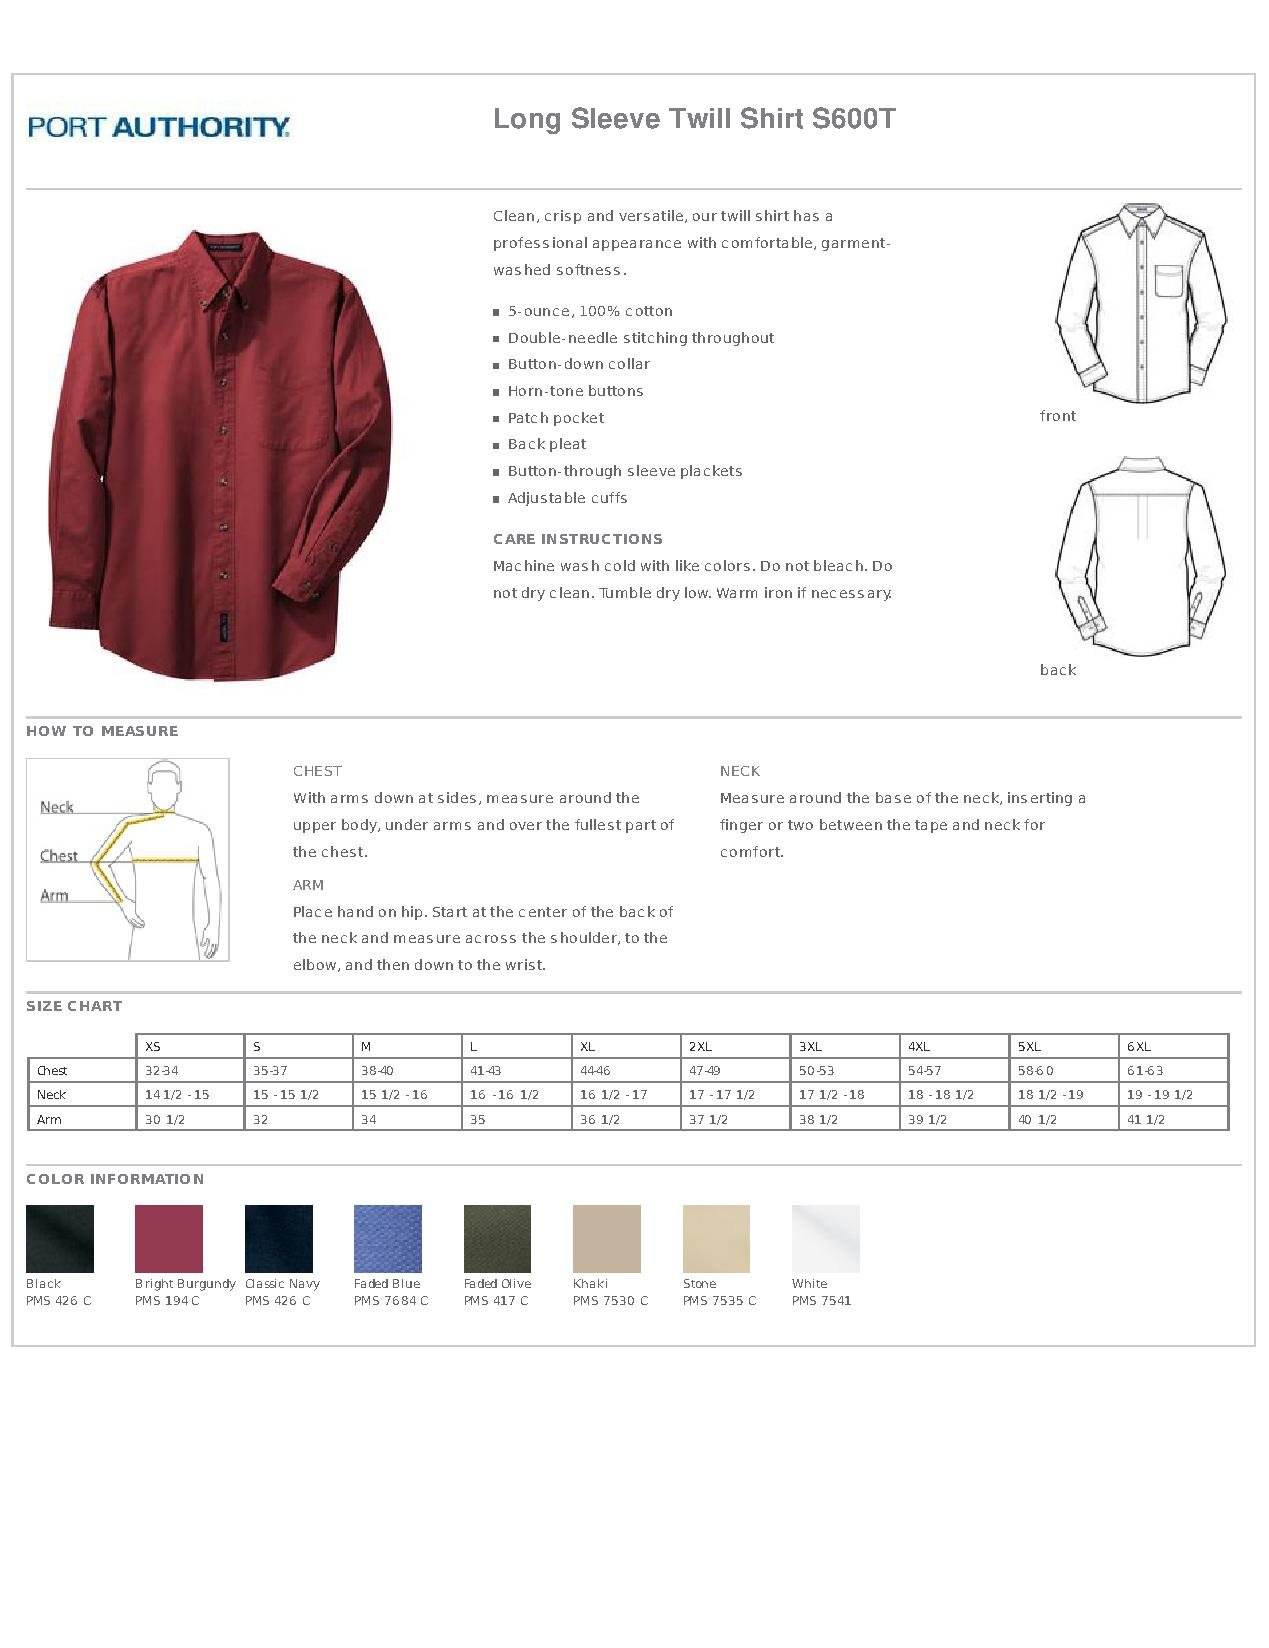 Port Authority Las Shirt Size Chart